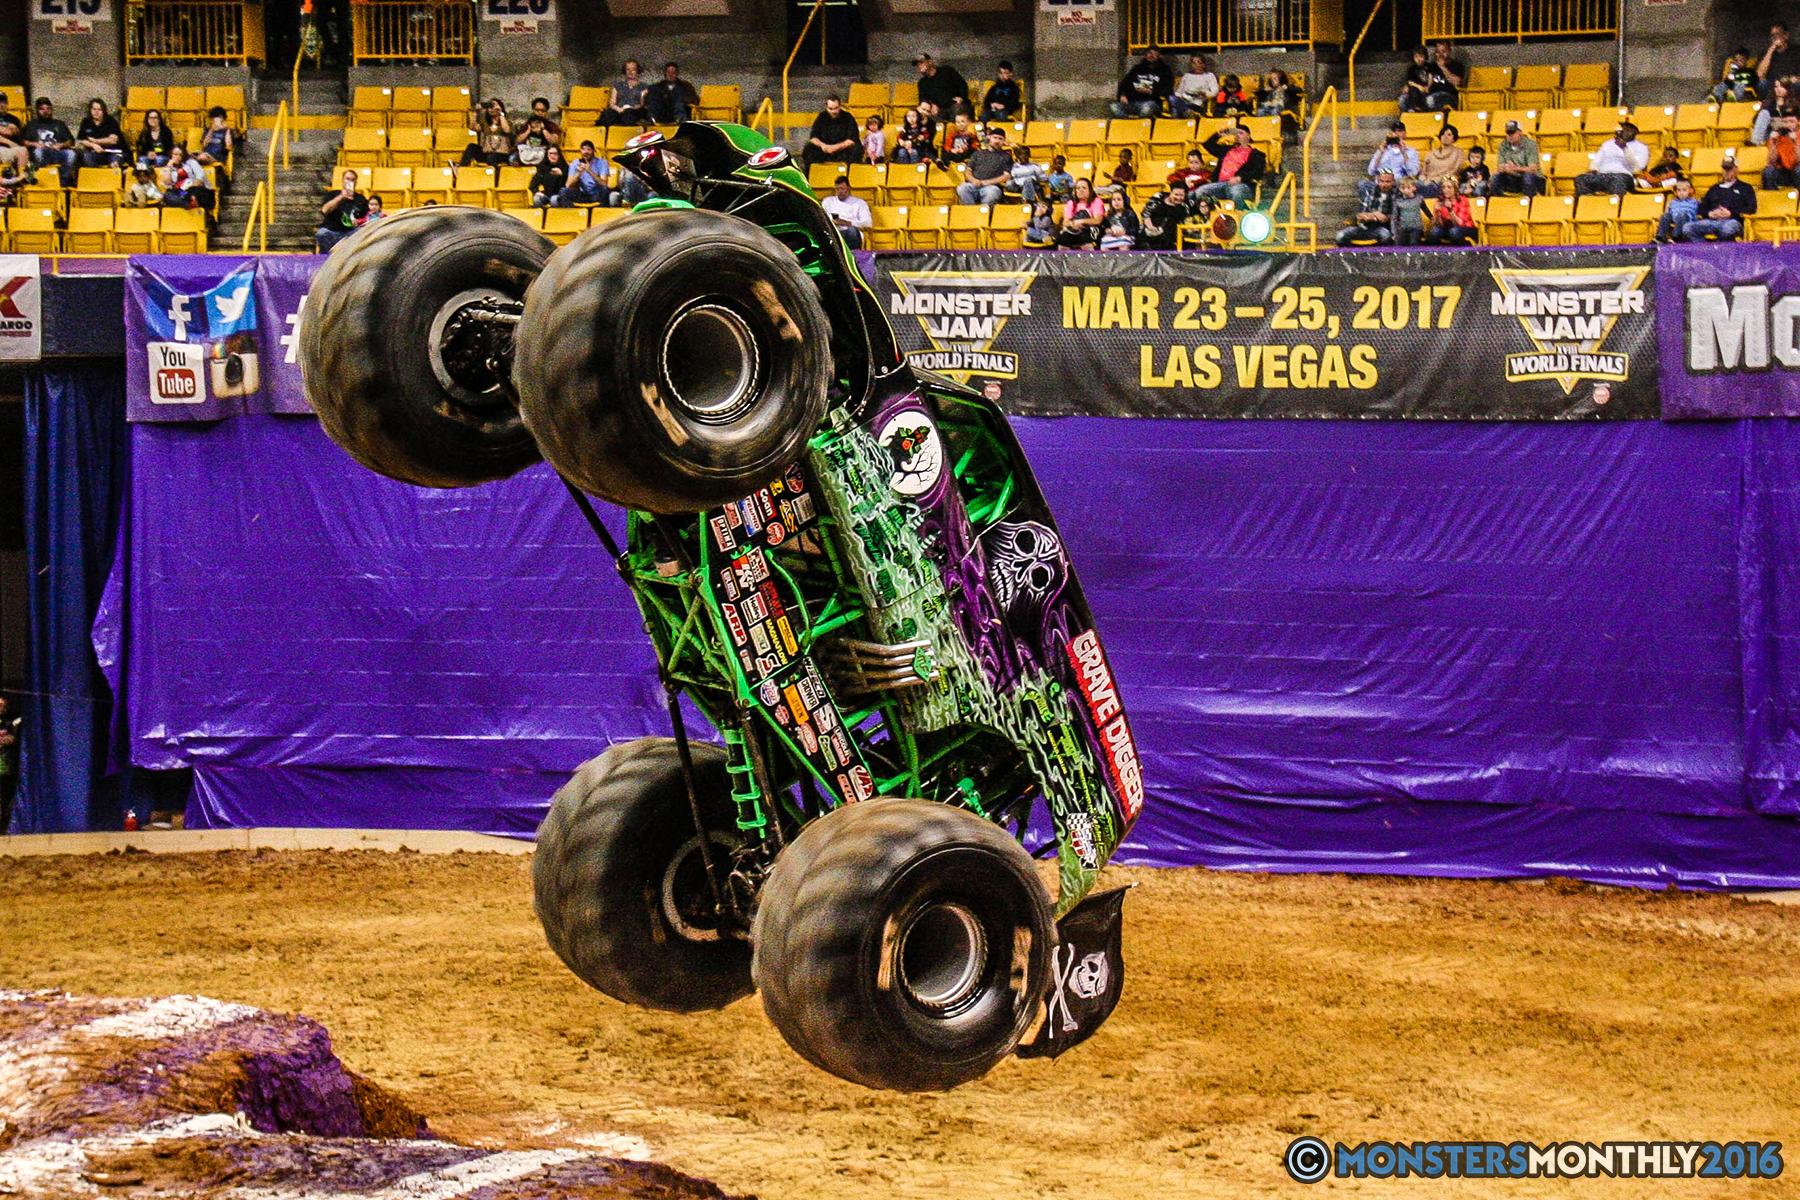 30-monster-jam-utc-mckenzie-arena-chattanooga-tennessee-monstersmonthly-monster-truck-race-gravedigger-monstermutt-xtermigator-razin-kane-doomsday-captainscurse-2016.jpg